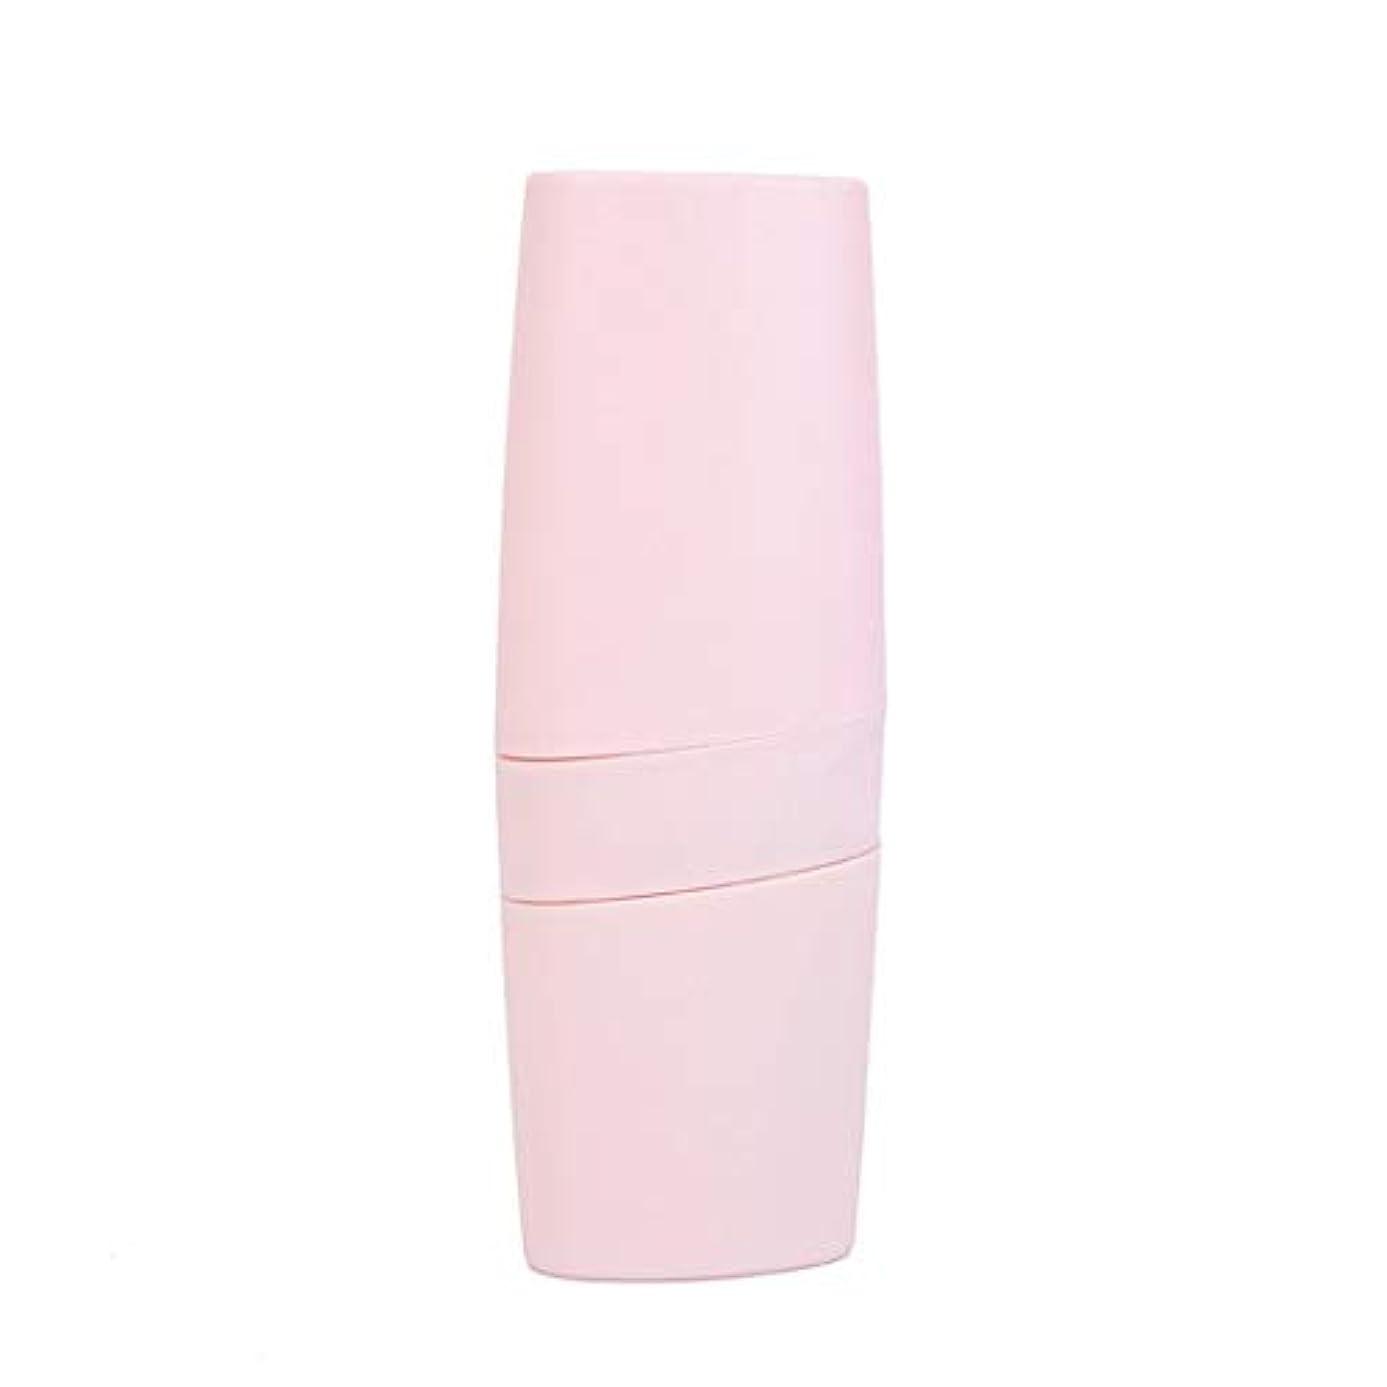 追い付く不定学期Swiftgood 携帯用歯ブラシケース通気性歯磨き粉プラスチック収納ボックス大型歯ブラシケース